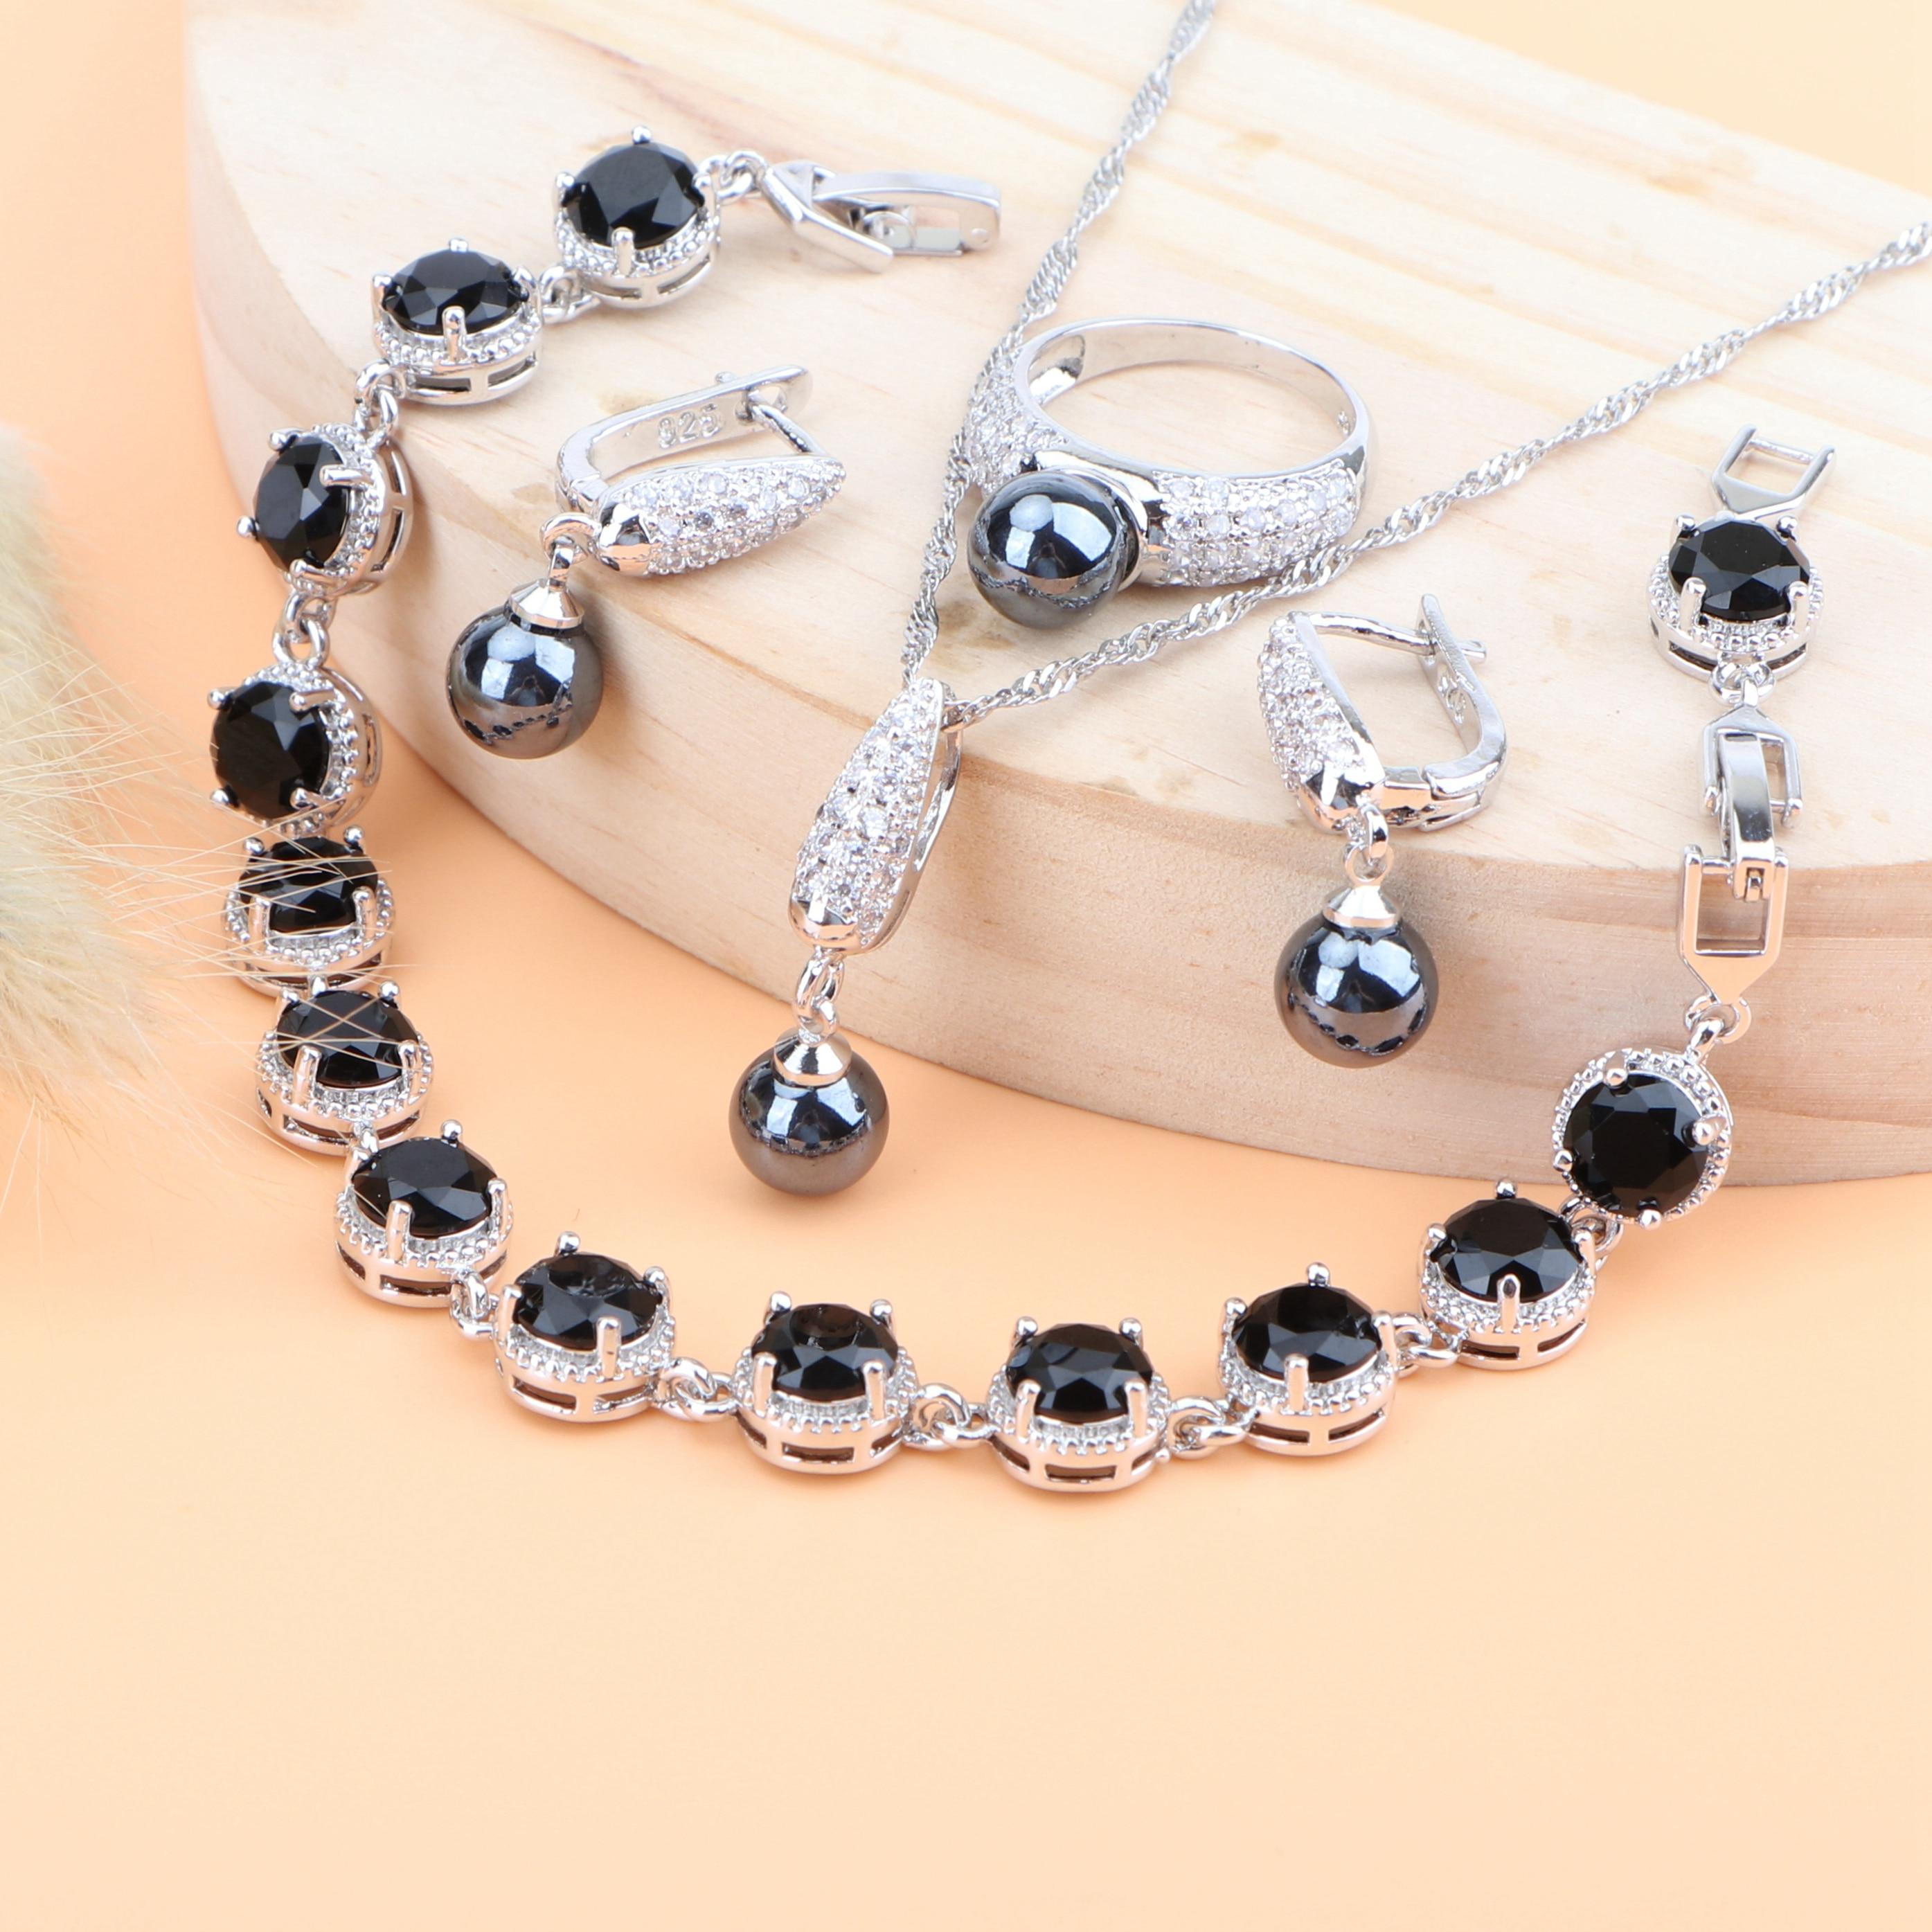 Black Pearls Bridal Jewelry Sets Women Silver 925 Wedding Jewelry Zircon Earrings Bracelets Rings Pendant Necklace Set Gift Box